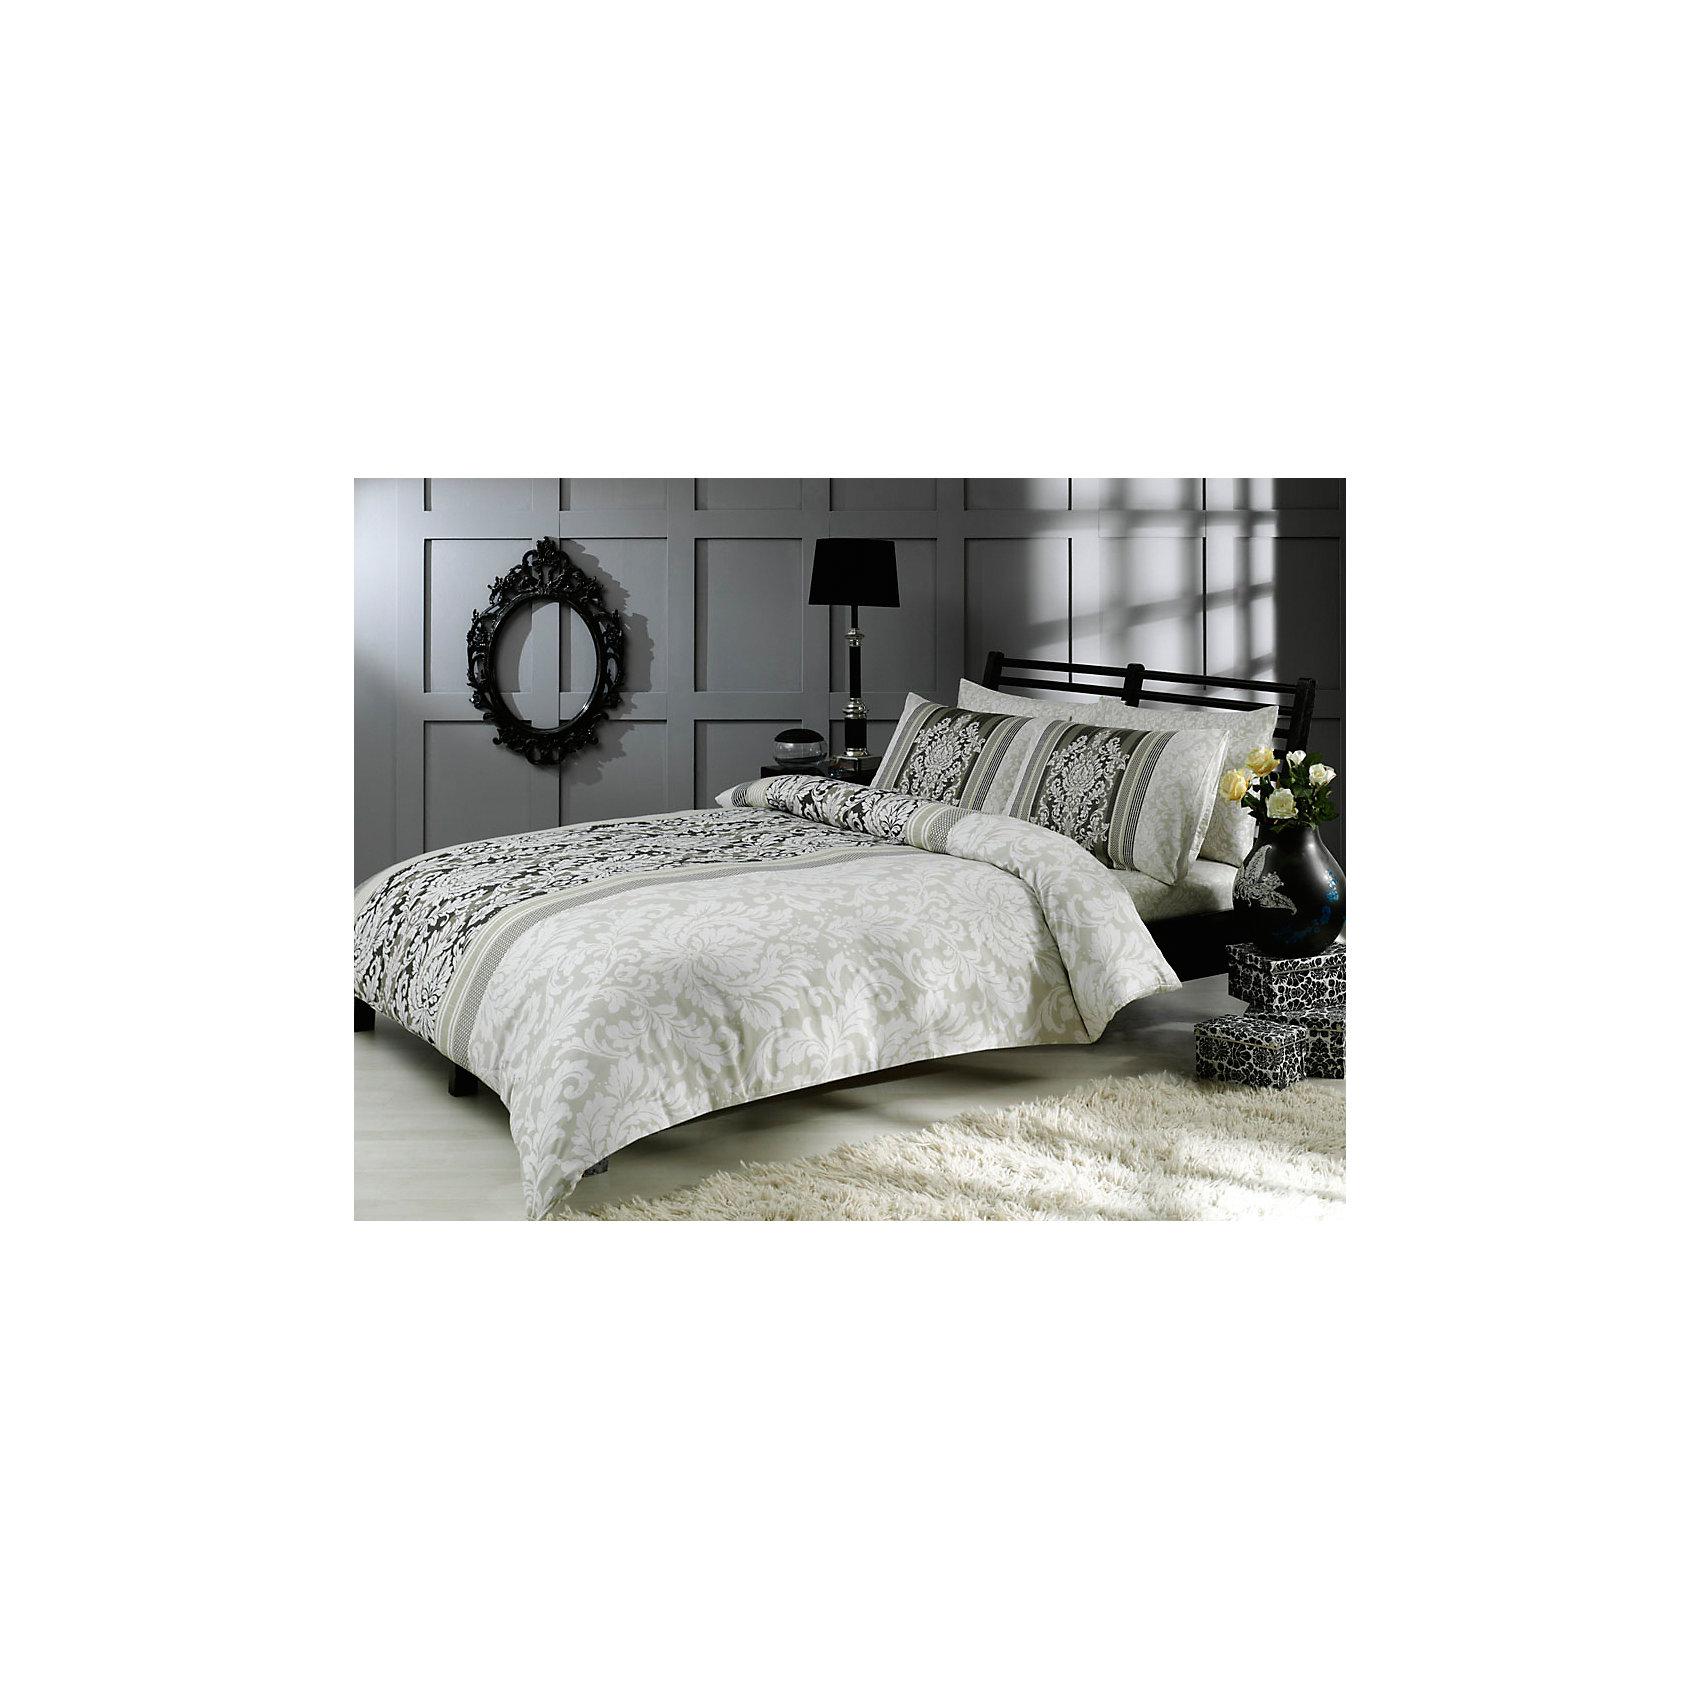 Постельное белье 1,5сп. Hazel, сатин, TAC, серыйХарактеристики:<br><br>• Вид домашнего текстиля: постельное белье<br>• Тип постельного белья по размерам: 1,5 спальное<br>• Рисунок: растительно-цветочный орнамент<br>• Сезон: круглый год<br>• Материал: сатин, 100% хлопок <br>• Цвет: оттенки серого, молочный<br>• Комплектация: <br> пододеяльник – 1 шт. 160*220 см <br> простынь – 1 шт. 180*260 см<br> наволочки – 1 шт. 50*70 см<br>• Вид застежки: пуговицы<br>• Тип упаковки: книжка картонная<br>• Вес в упаковке: 2 кг 200 г<br>• Размеры упаковки (Д*Ш*В): 27*7*37 см<br>• Особенности ухода: машинная стирка <br><br>Постельное белье 1,5сп. Hazel, сатин, TAC, серый от наиболее популярного бренда на отечественном рынке среди производителей комплектов постельного белья и текстильных принадлежностей, выпуском которого занимается производственная компания, являющаяся частью мирового холдинга Zorlu Holding Textiles Group. <br><br>Комплект состоит из 3-х предметов и включает в себя: пододеяльник, простынь и наволочку. Все изделия выполнены из хлопкового сатина, который характеризуется высокими износоустойчивыми качествами, не теряет формы и цвета при длительном использовании, после стирки изделия полностью расправляются и сохраняют ровность полотна, поэтому они не нуждаются в глажке. Специальным образом скрученная нить, из которой изготовлено сатиновое полотно, обеспечивает характерный блеск и защиту от образования катышков. <br><br>Обладает повышенными гигроскопичными качествами, благодаря чему оно комфортно для использования в любое время года. Постельное белье выполнено в стильном дизайне: крупный цветочно-растительный принт в молочно-серых оттенках придает комплекту особую изысканность. <br>Постельное белье 1,5 сп. Hazel, сатин, TAC, серый станет прекрасным решением для тех, кто ценит качество, стиль и долговечность!<br><br>Постельное белье 1,5 сп. Hazel, сатин, TAC, серый можно купить в нашем интернет-магазине.<br><br>Ширина мм: 270<br>Глубина мм: 70<br>Высота мм: 370<br>Вес г: 